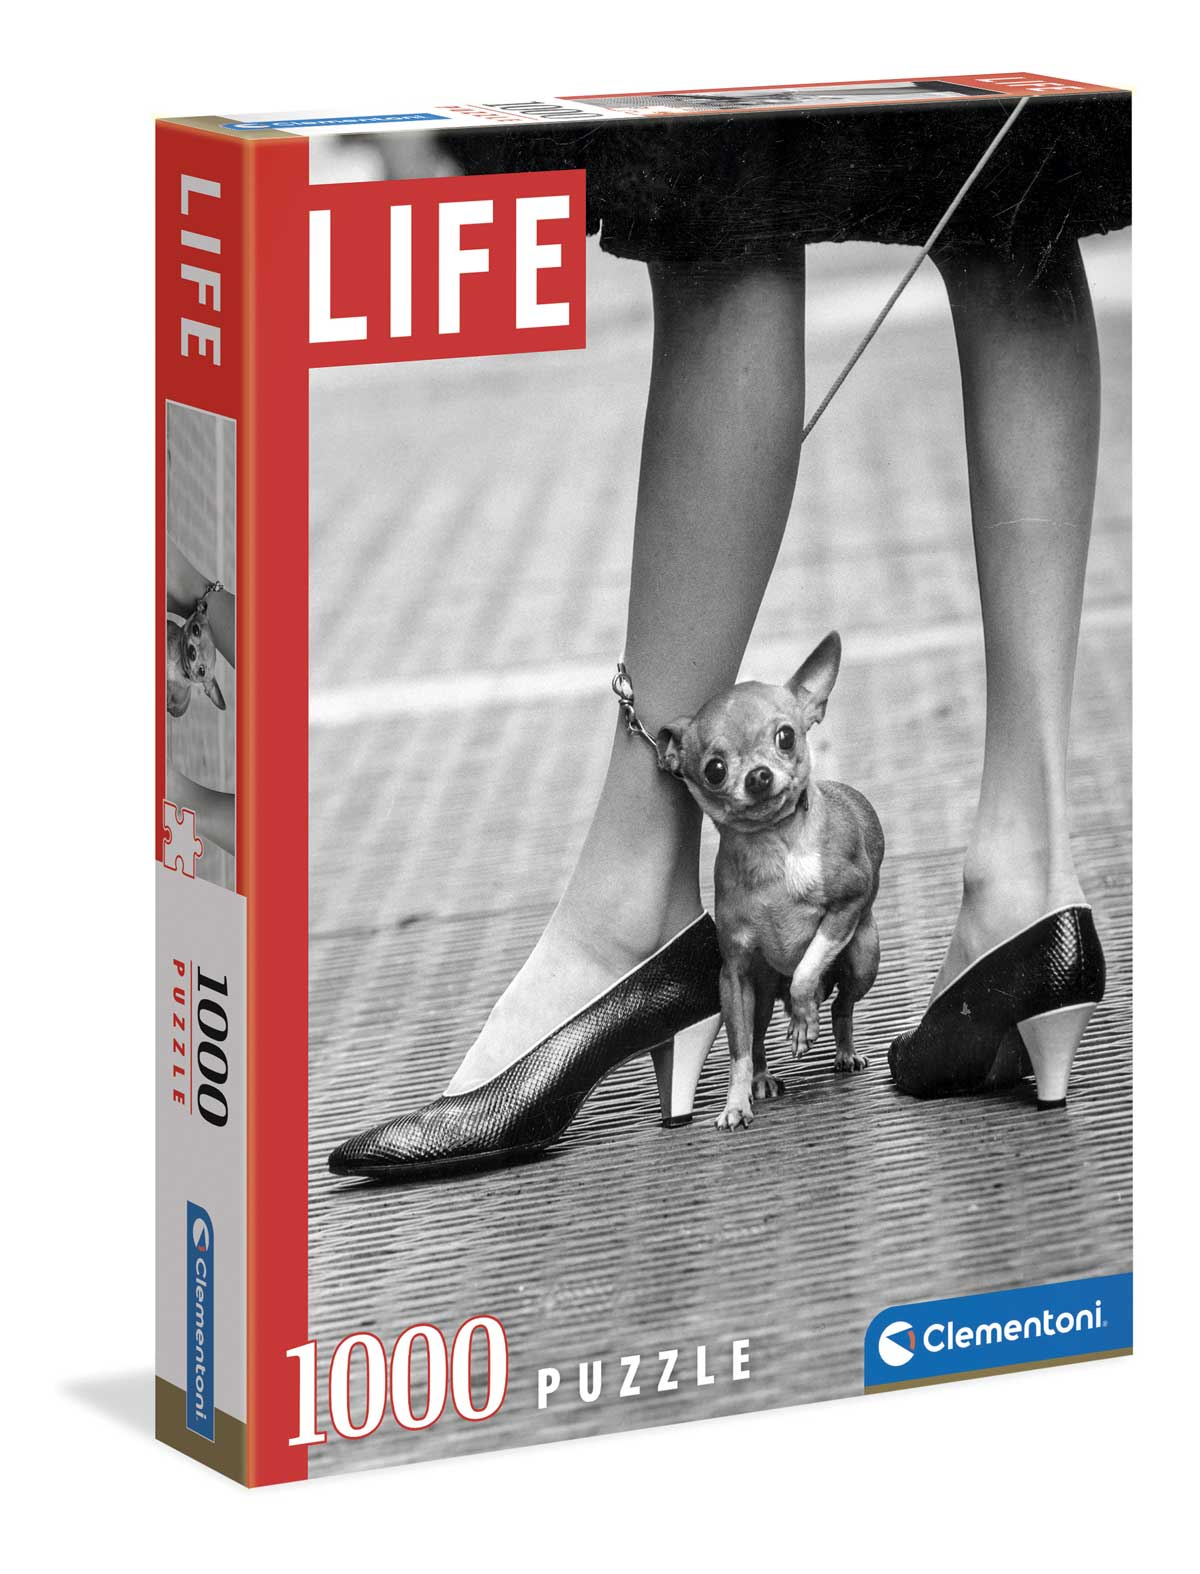 Puzzle Clementoni Life Chihuahua de 1000 Piezas